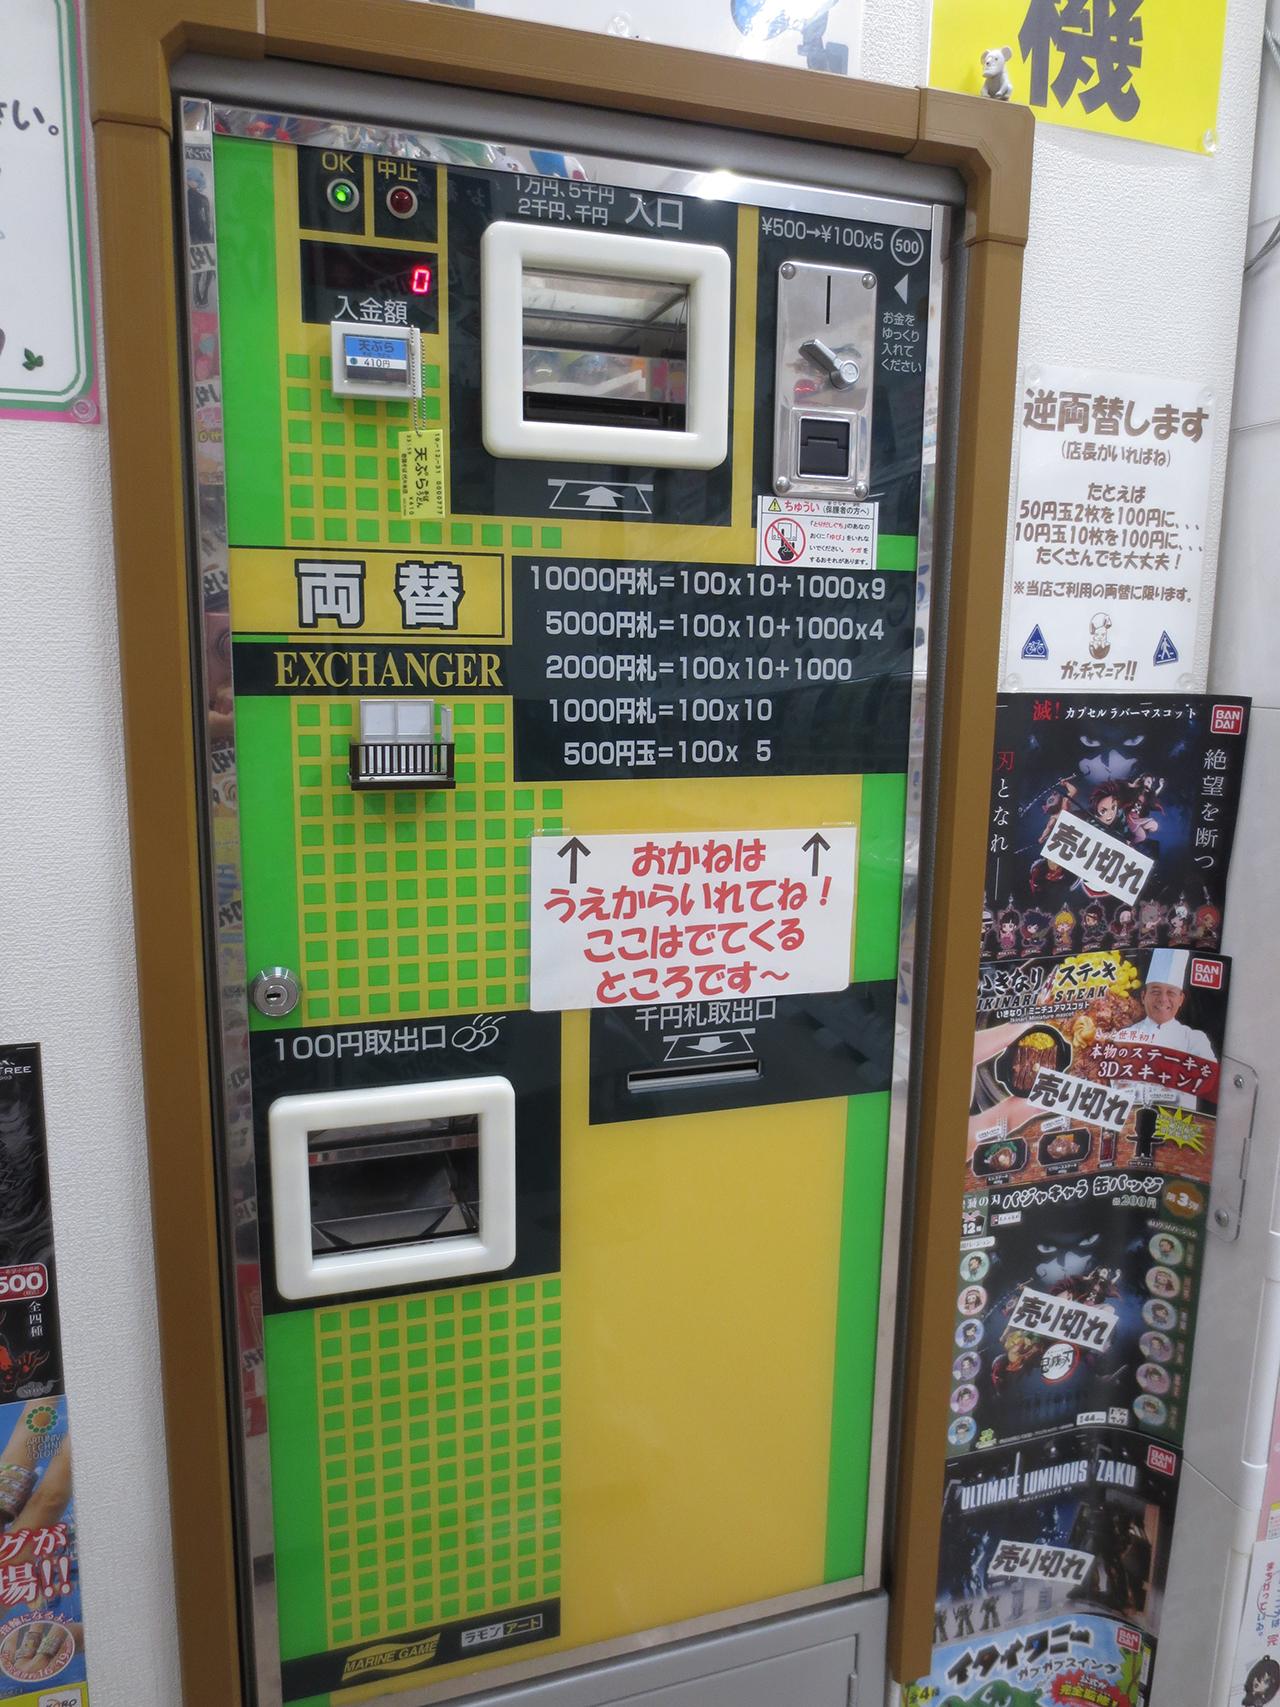 ガチャガチャ専門店 ガッチャマニアの投稿写真3